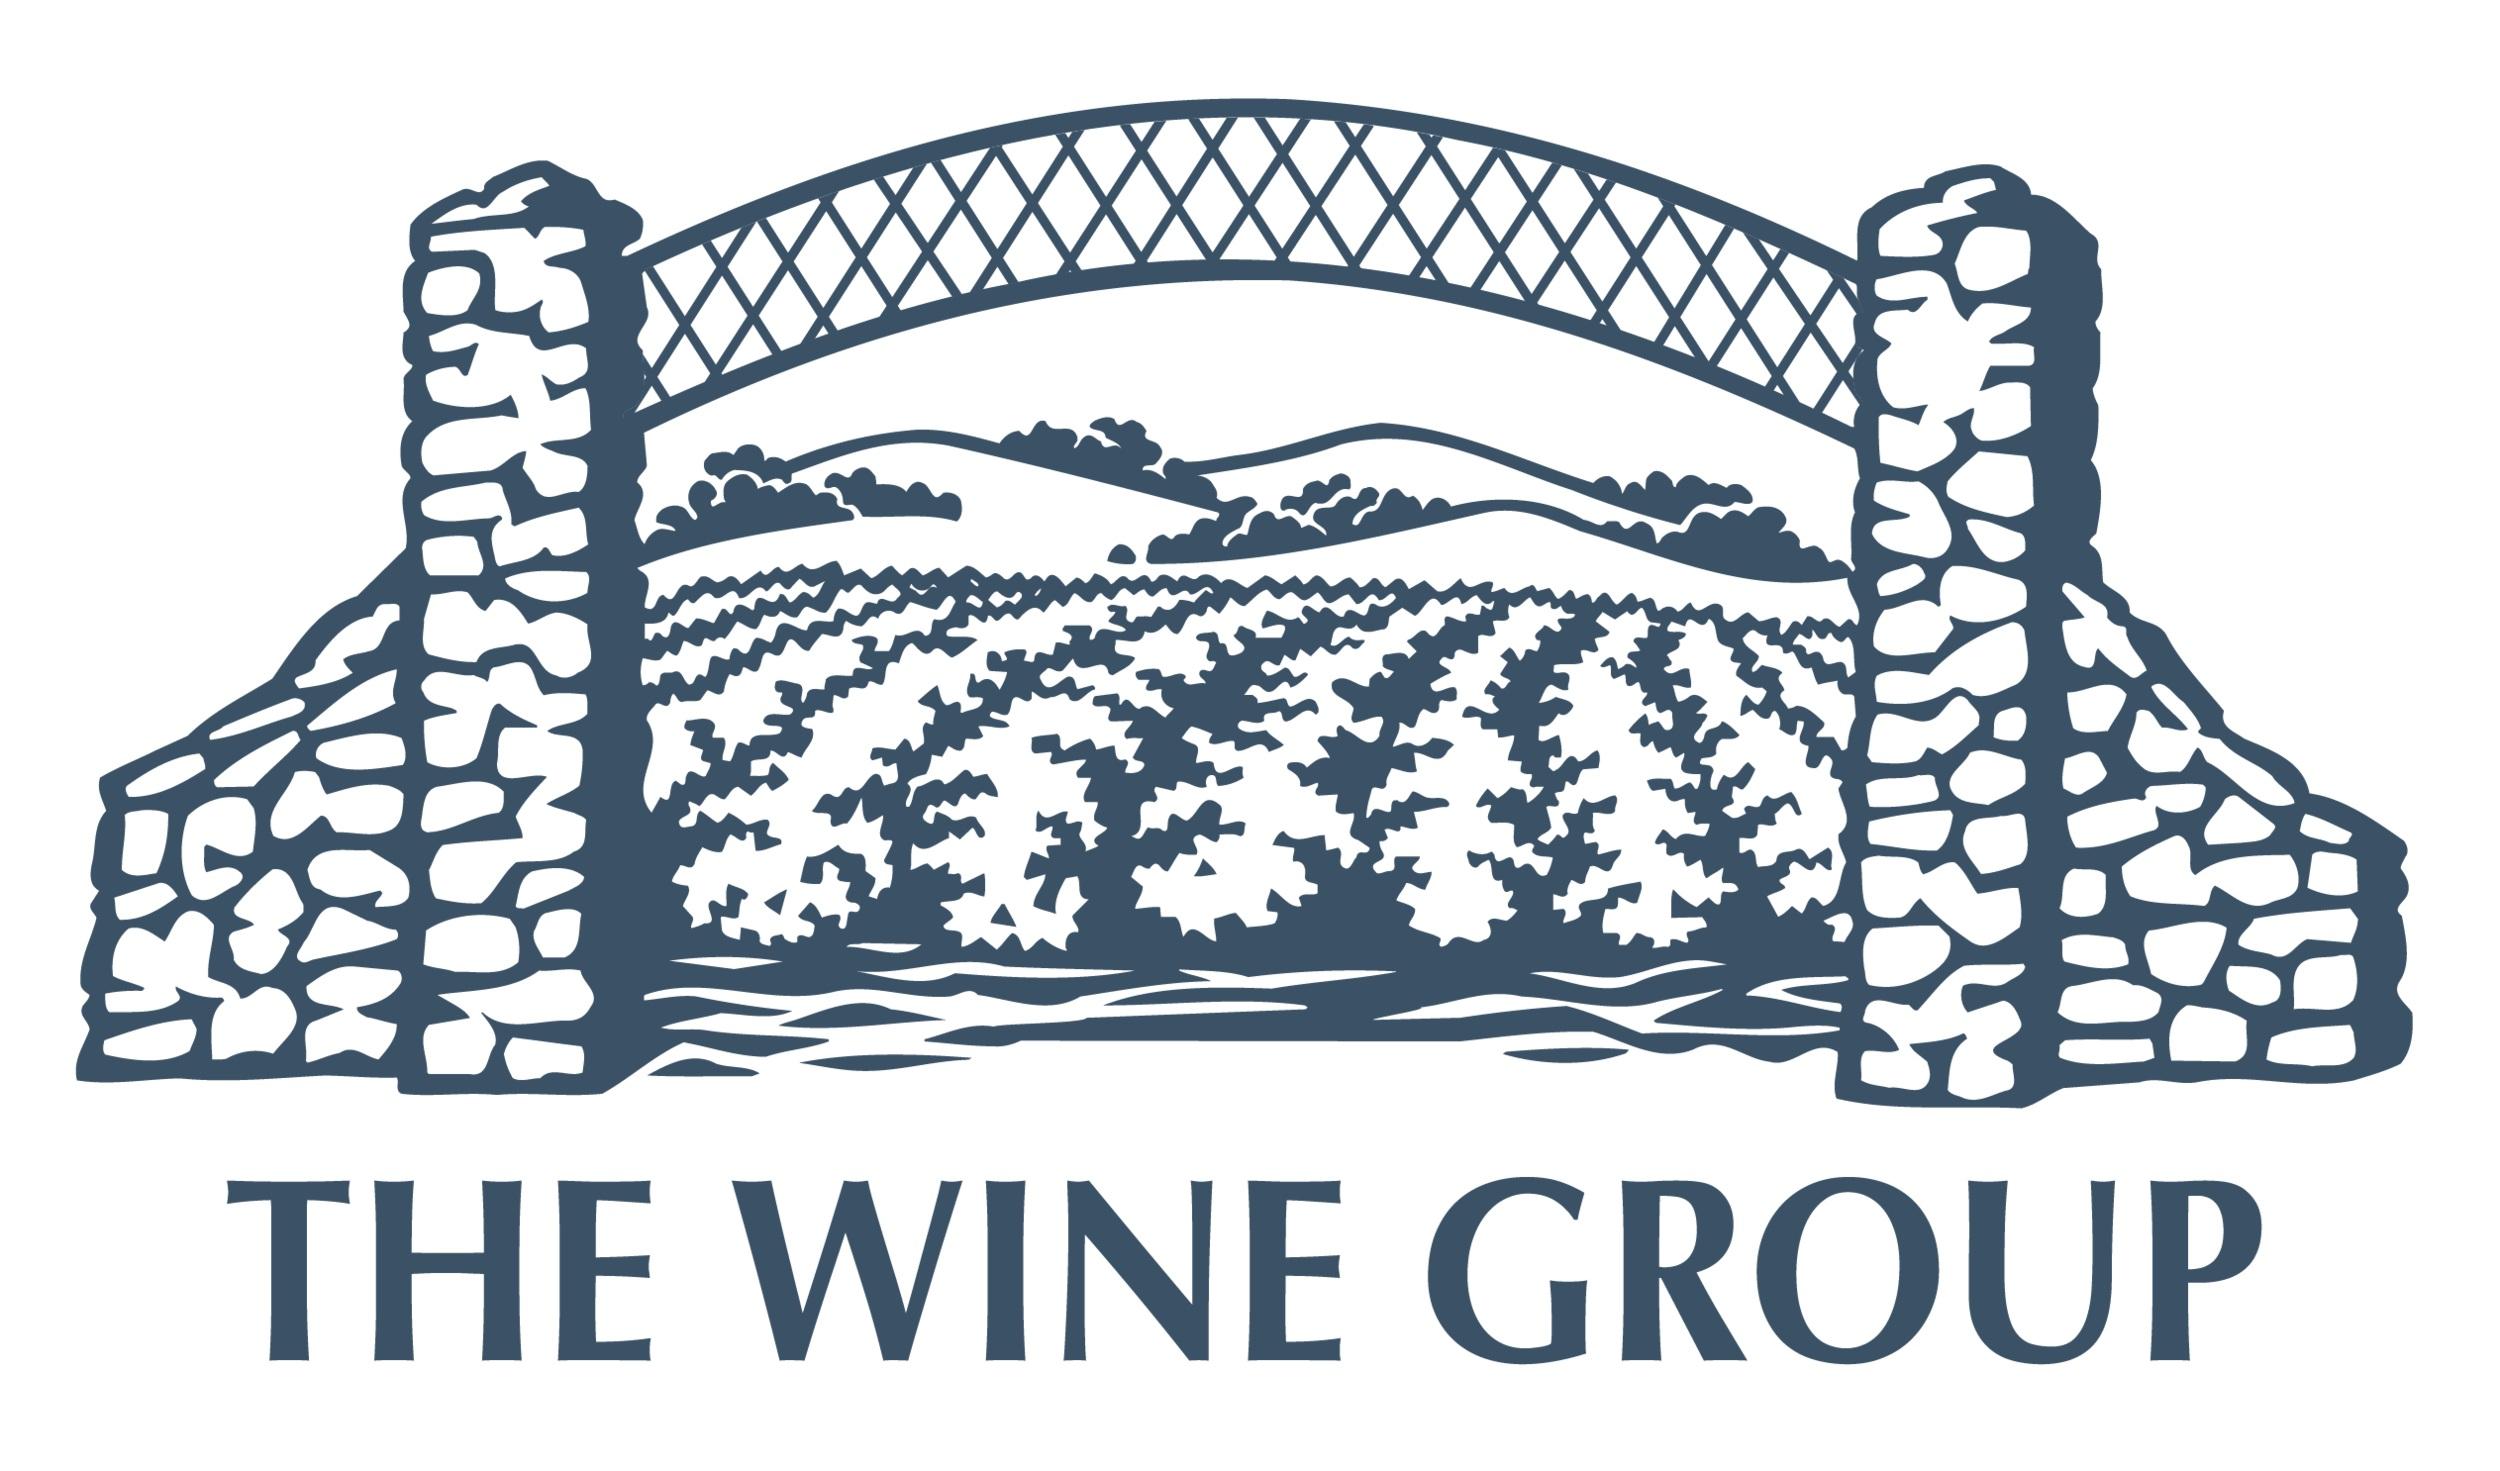 webb-banks-brand-wine-group.jpg